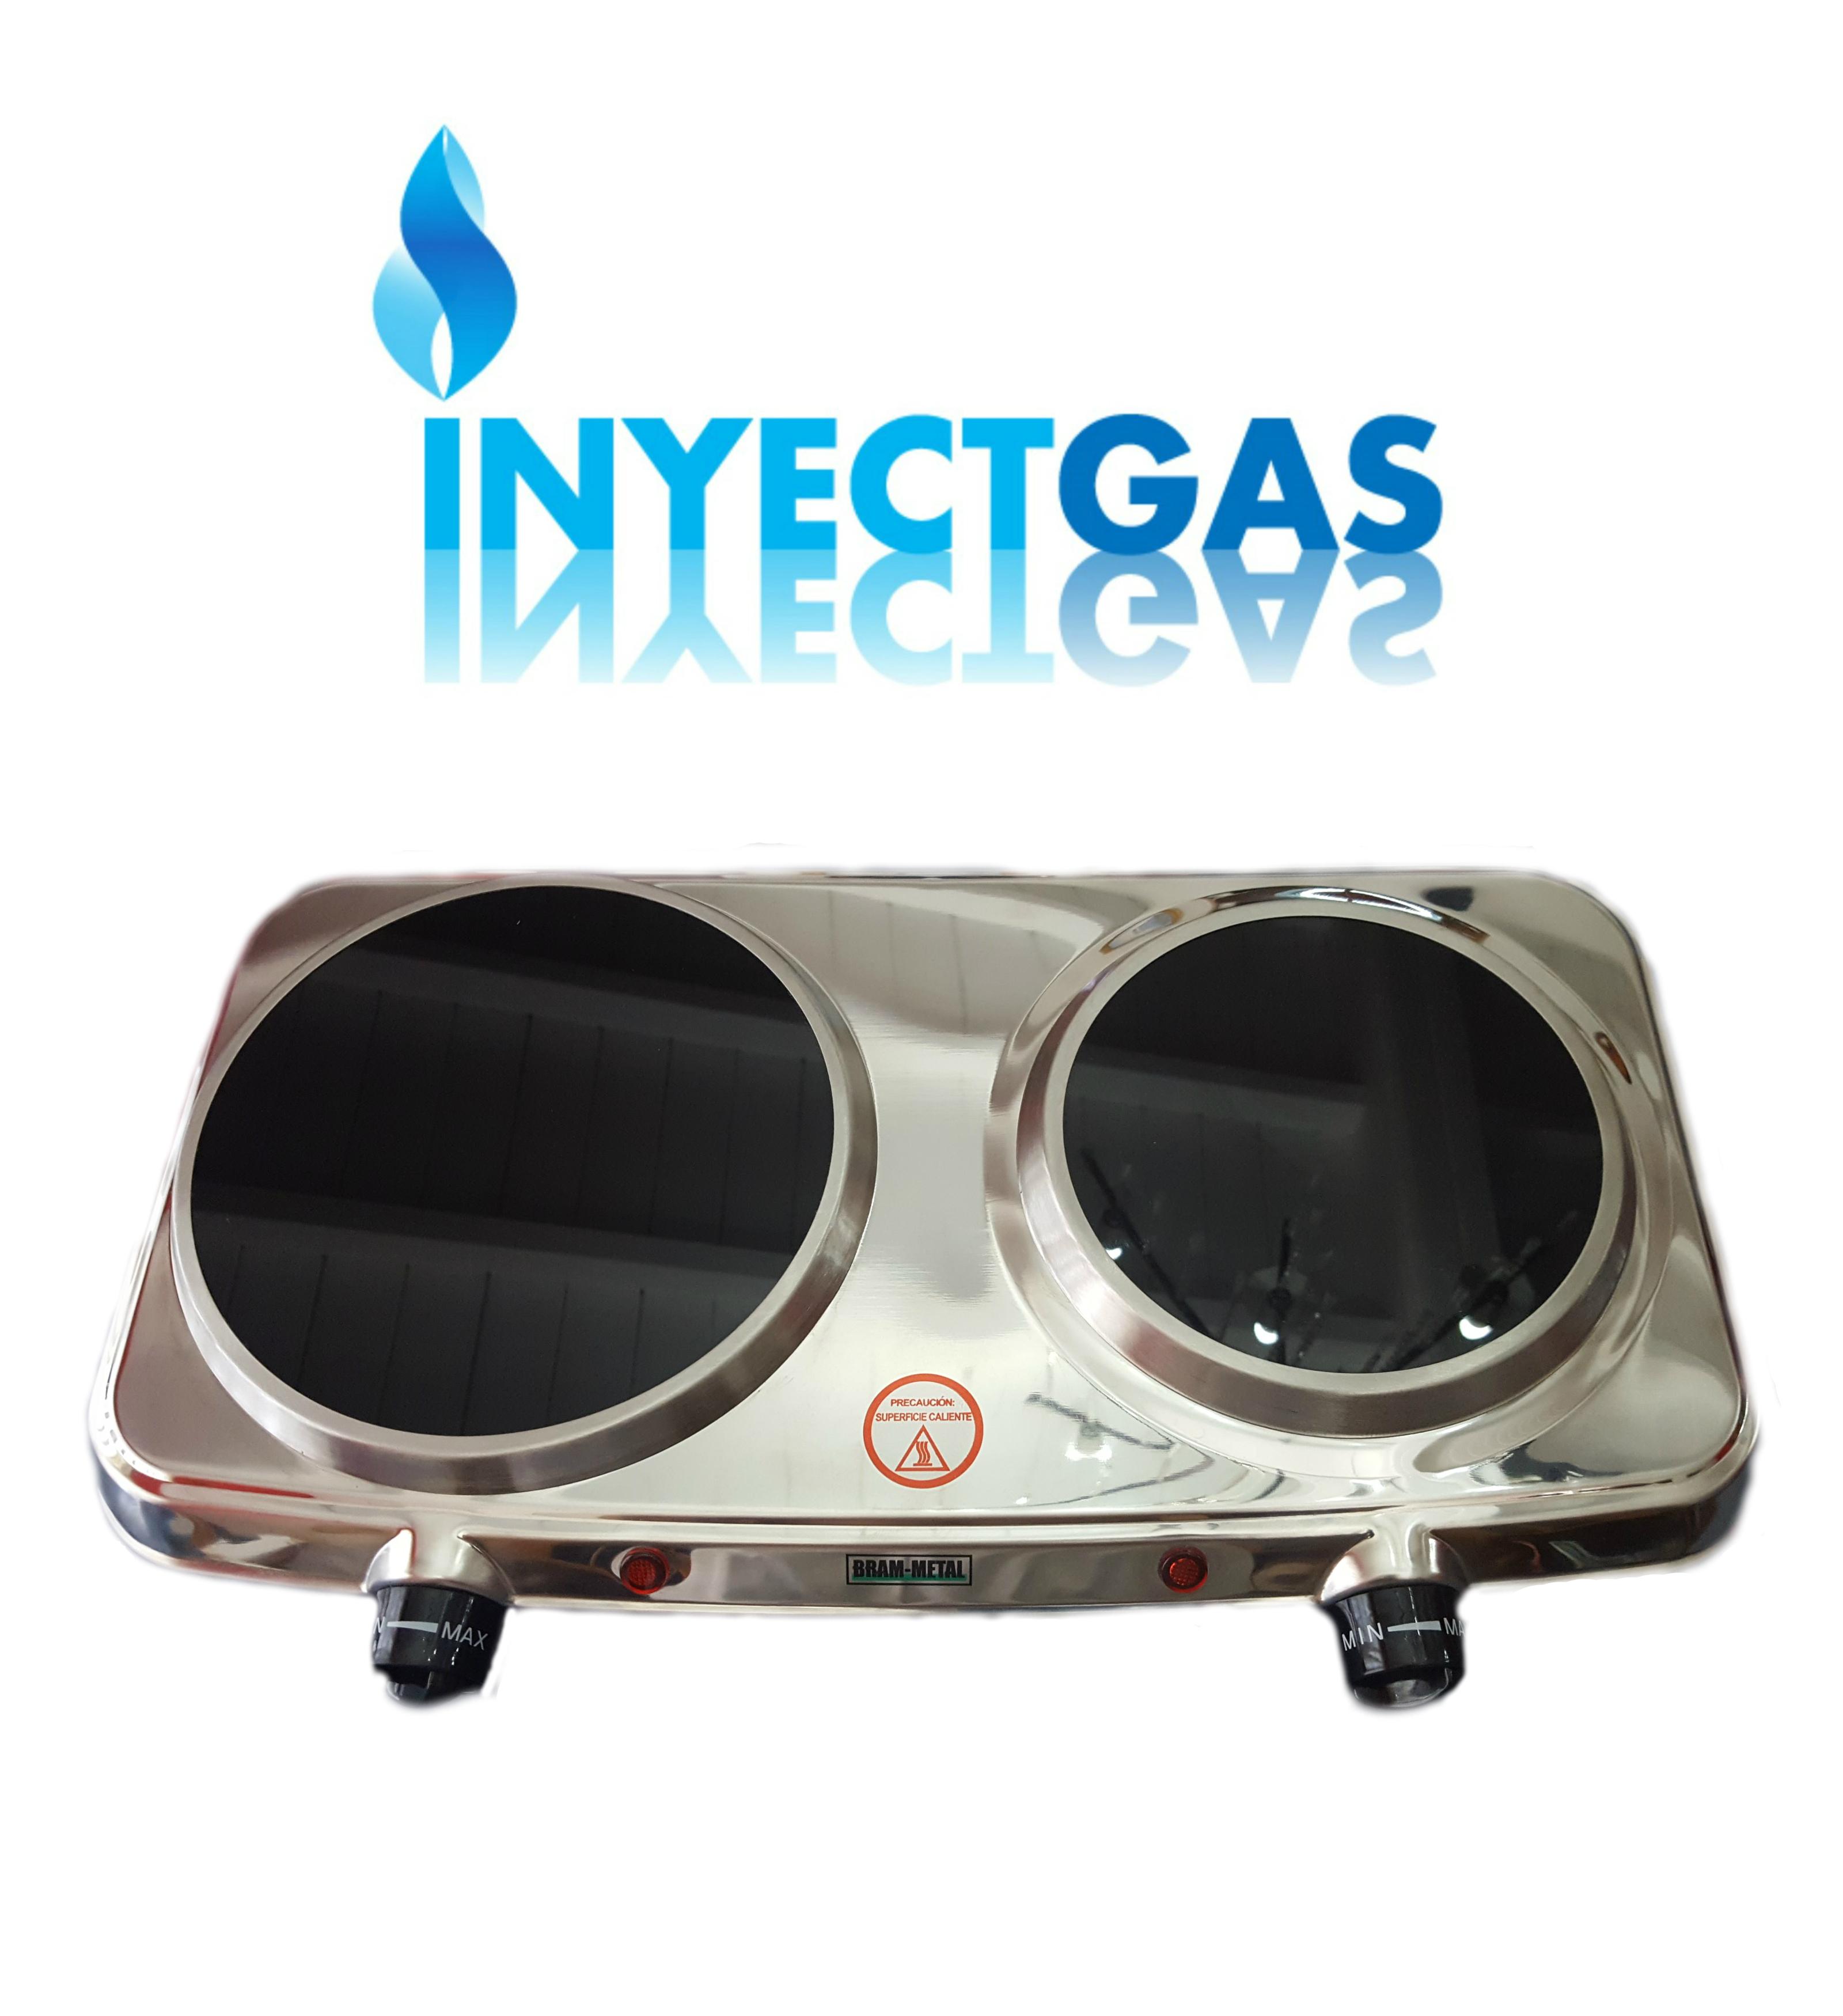 Inyect Gas Fabrica De Inyectores Accesorios Para Gas Y